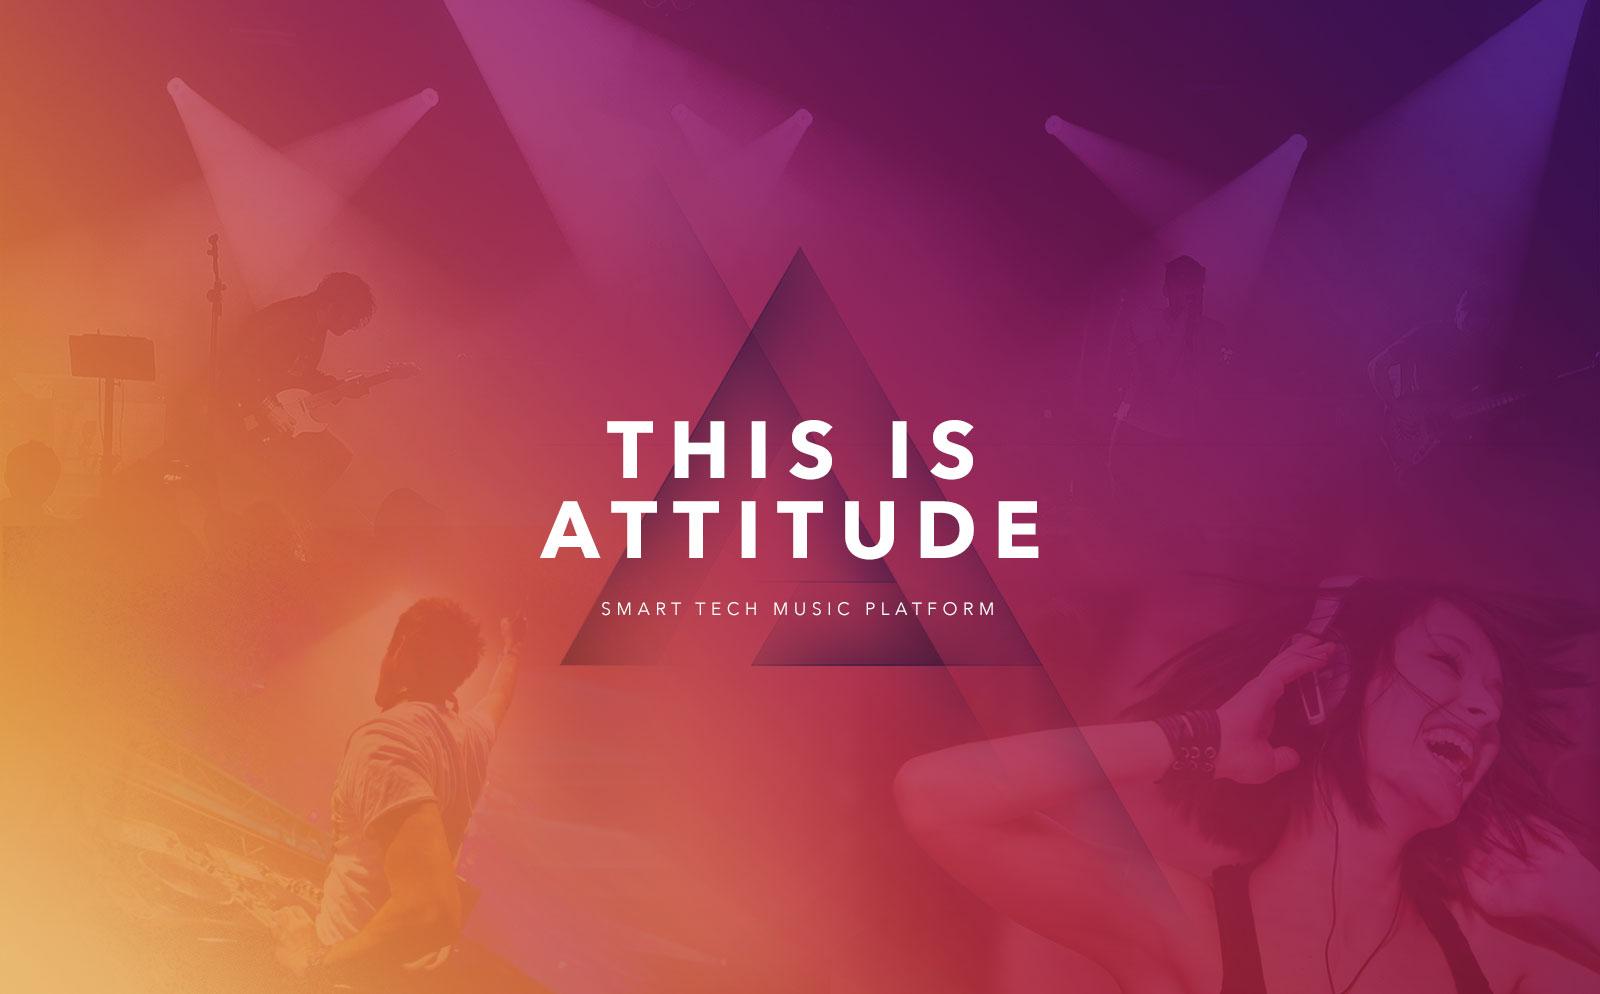 semplice_attitude_01